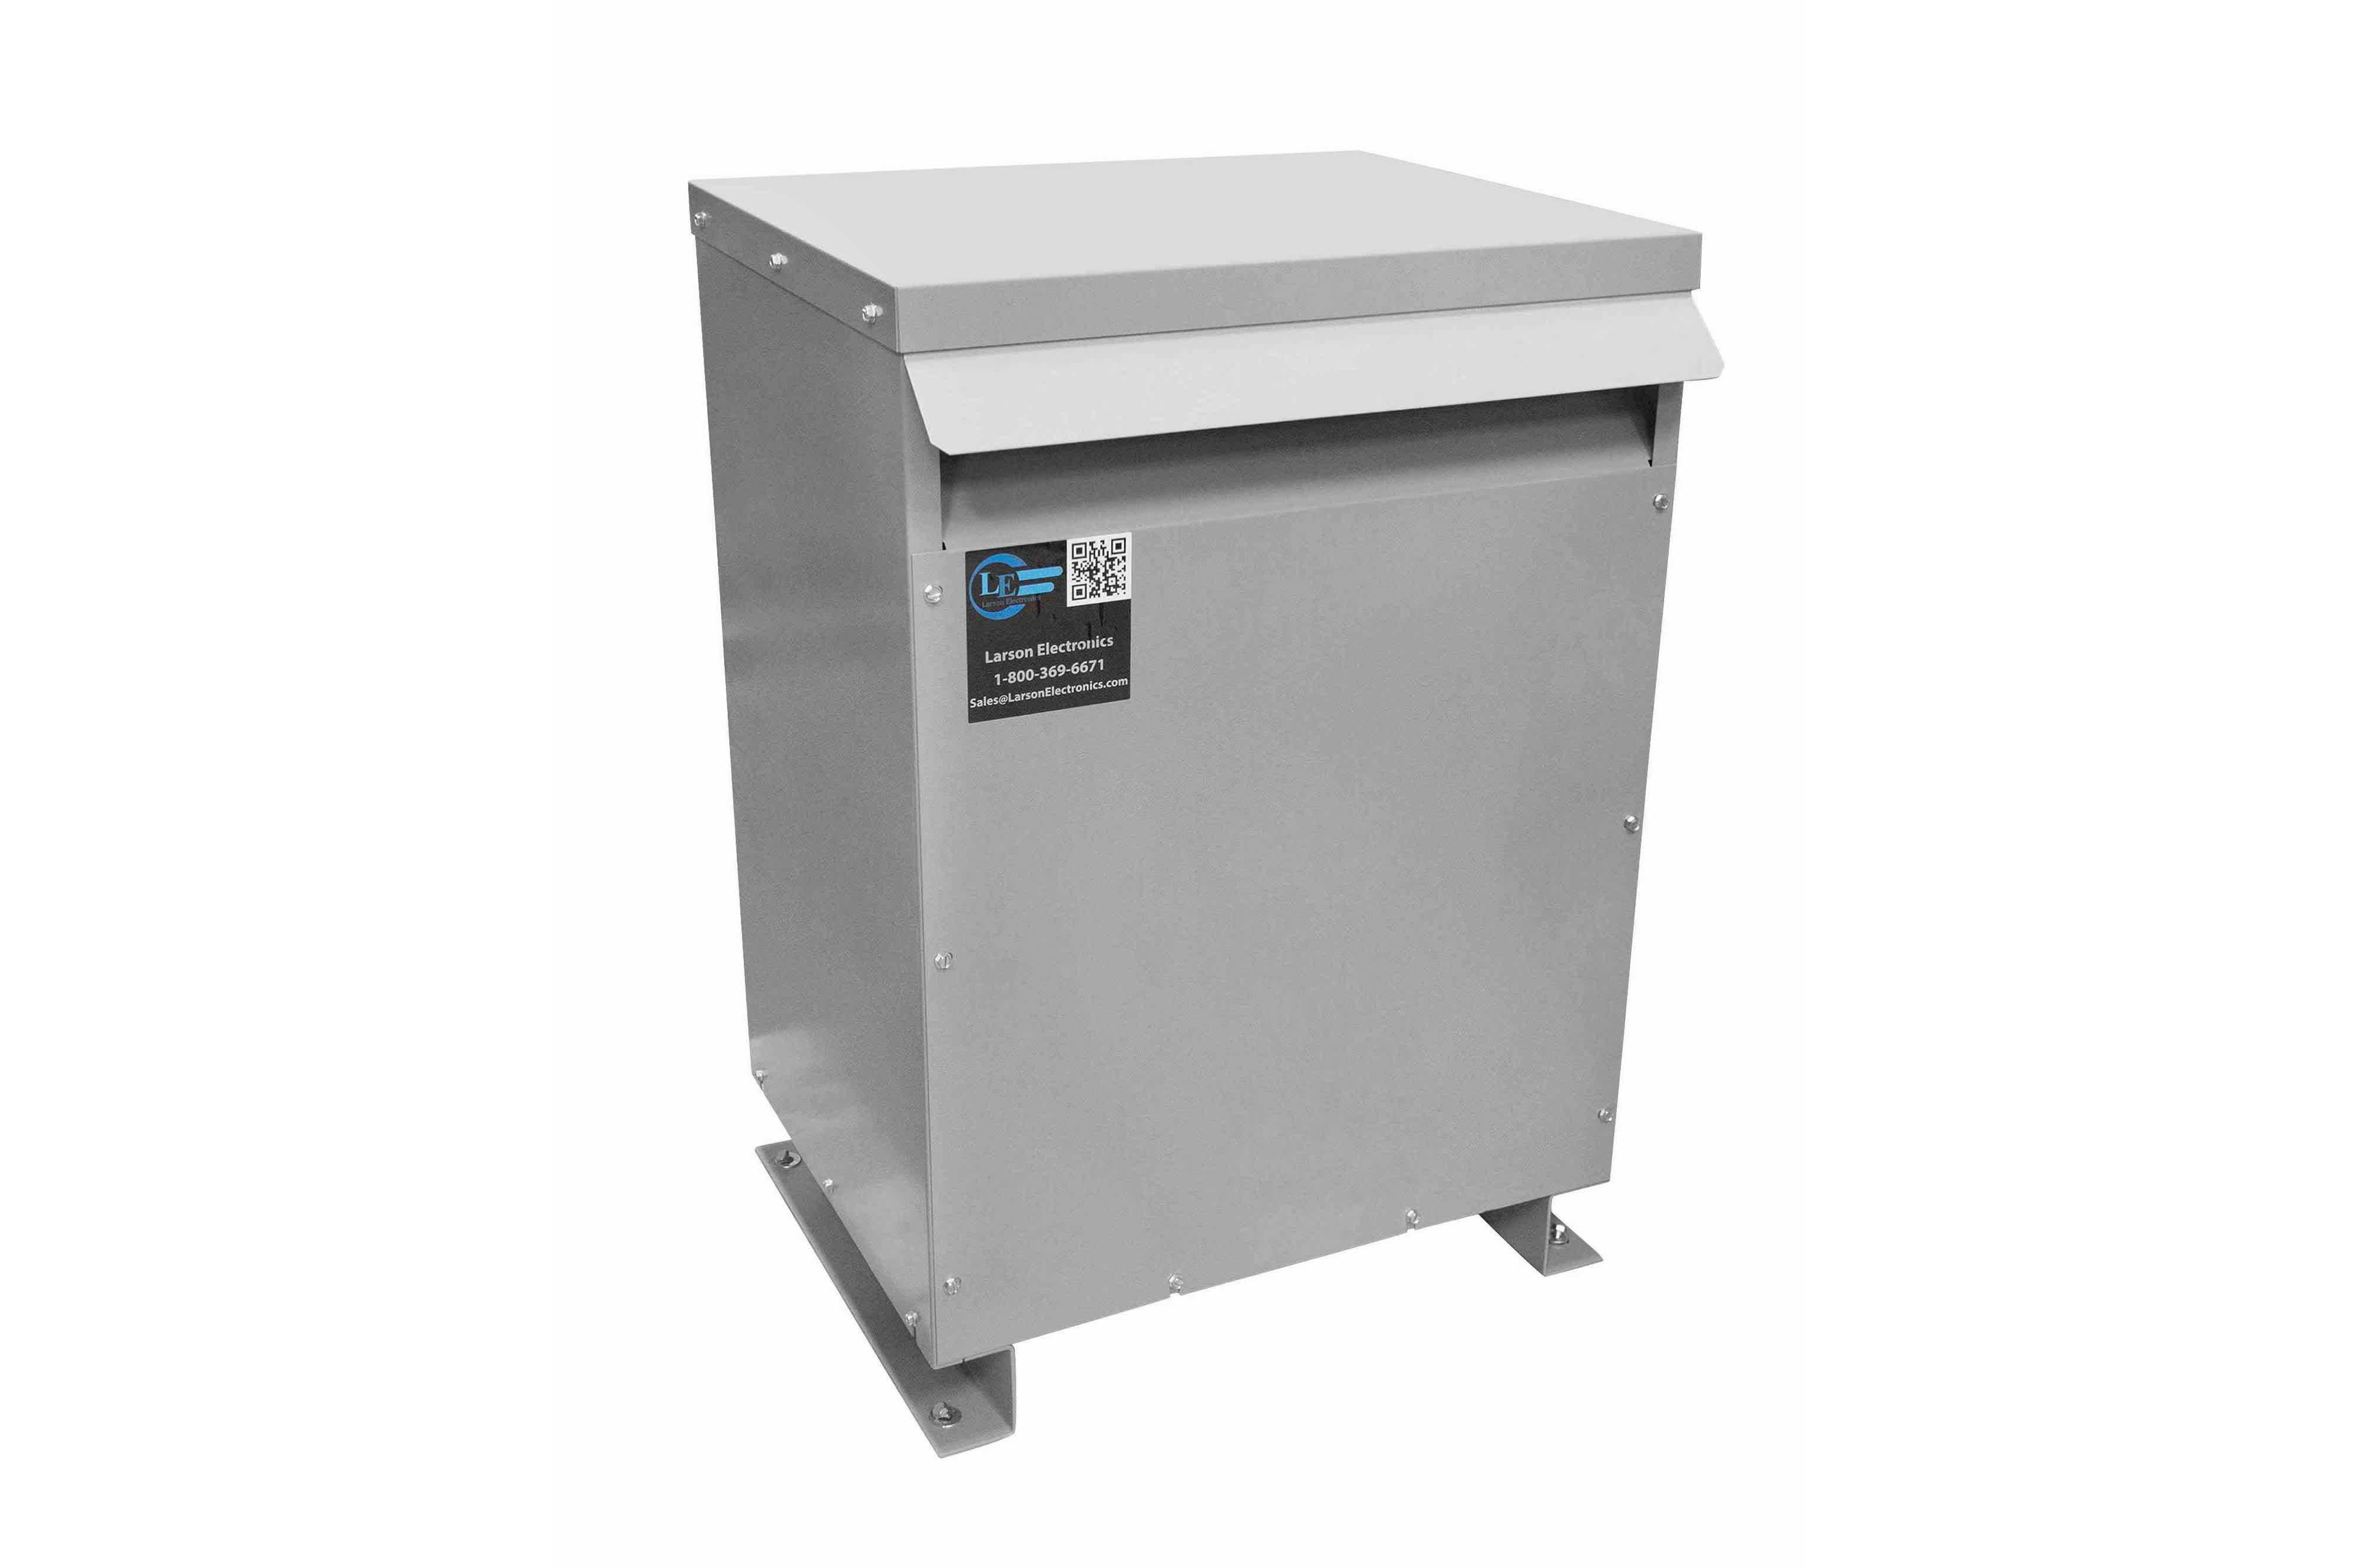 167 kVA 3PH Isolation Transformer, 220V Delta Primary, 208V Delta Secondary, N3R, Ventilated, 60 Hz